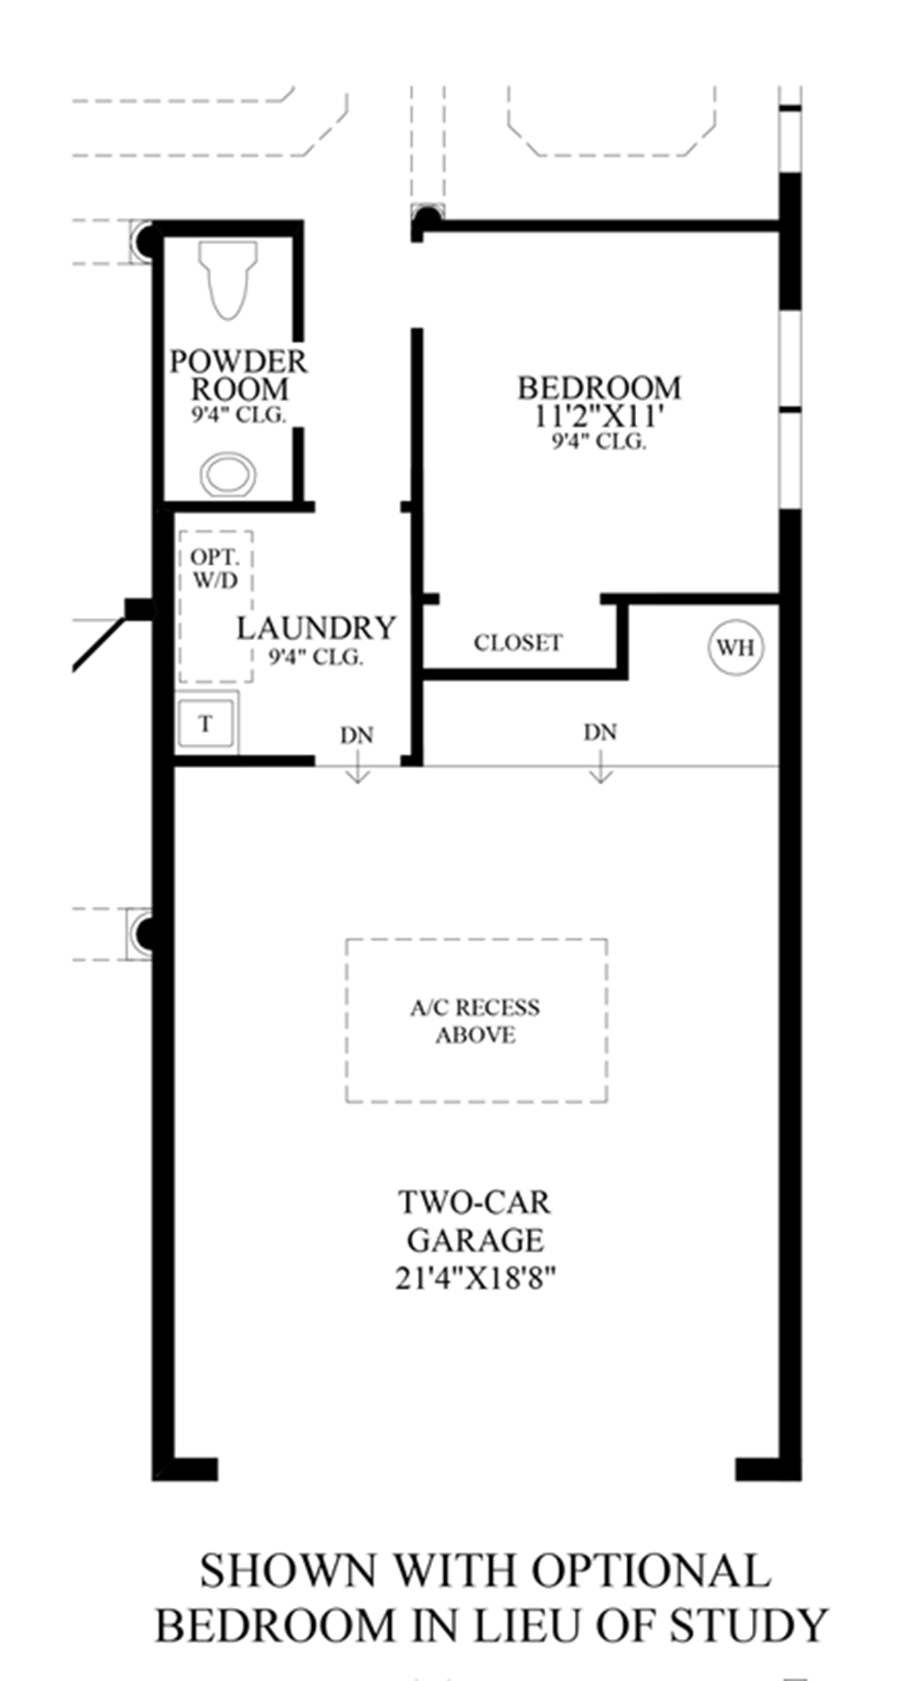 Optional Bedroom ILO Study Floor Plan